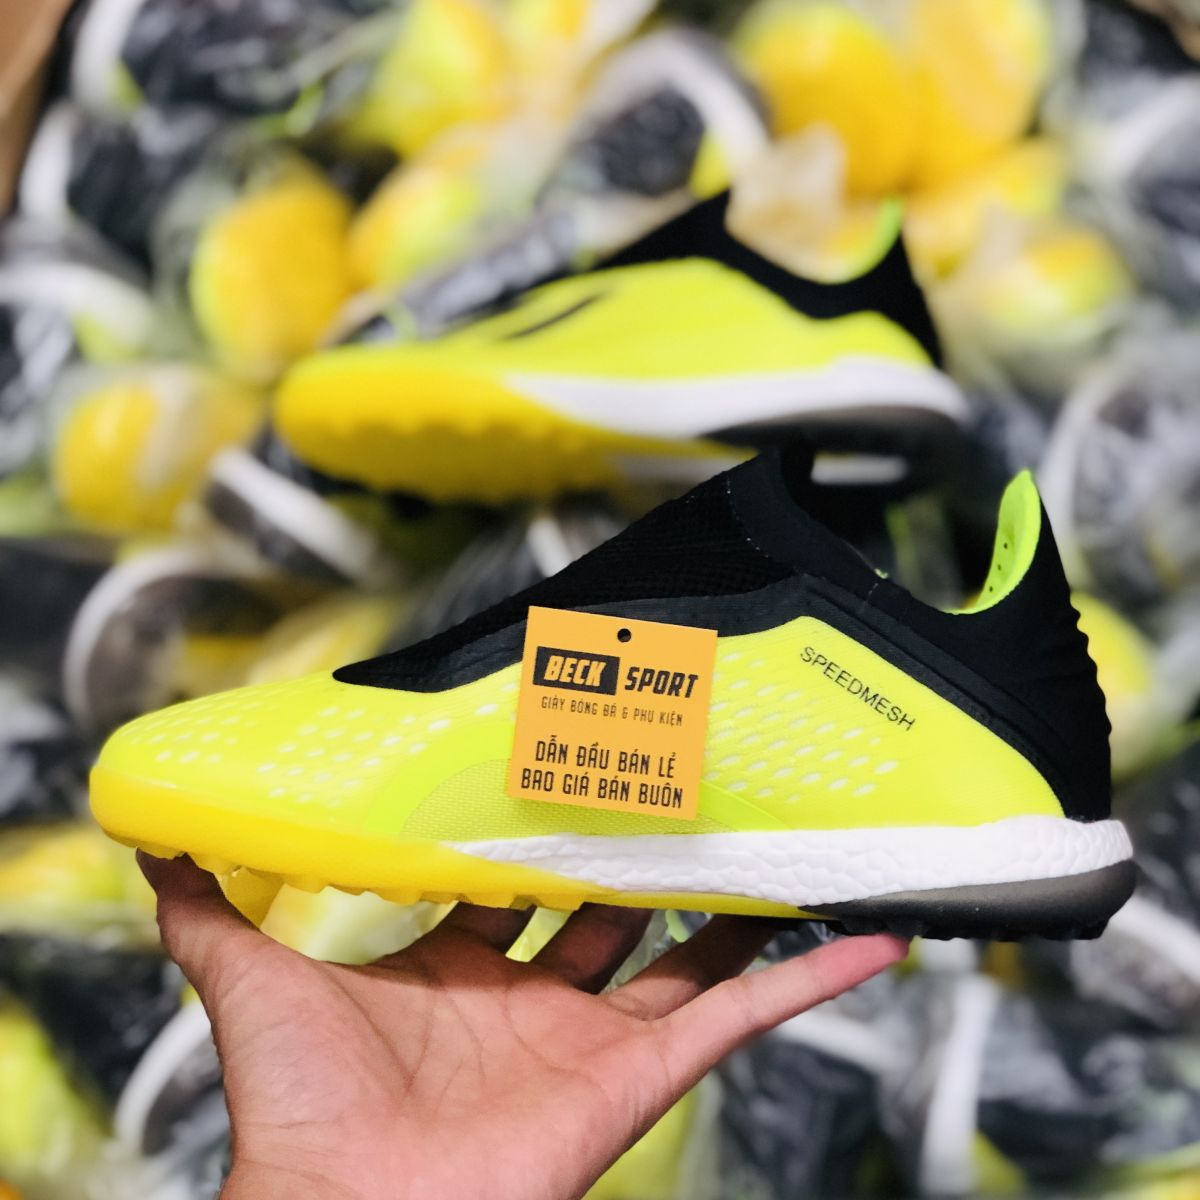 Giày Bóng Đá Adidas X 18+ Nõn Chuối Gót Đen Không Dây TF